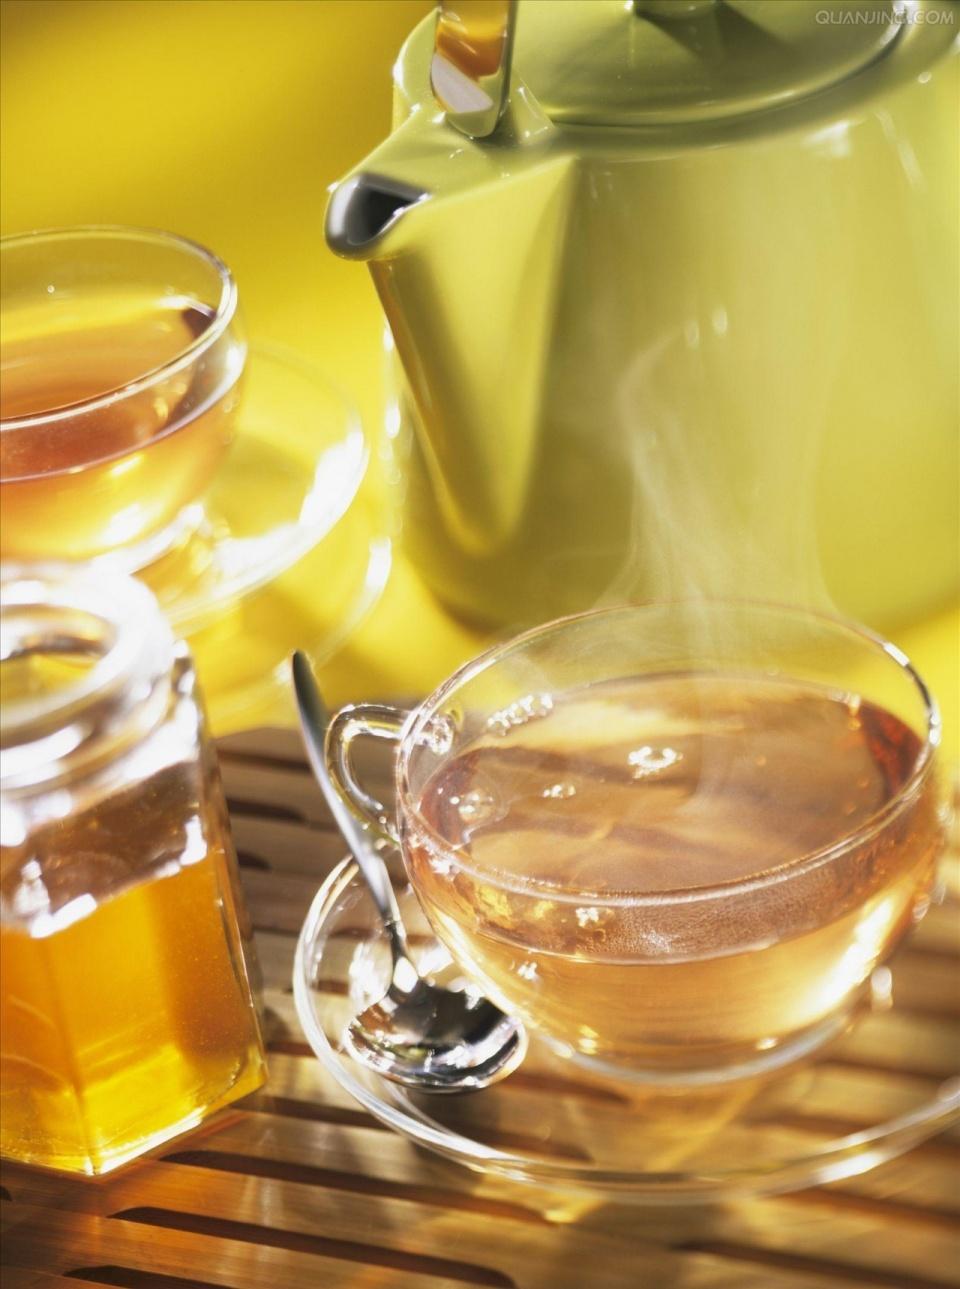 蜂蜜的十二大主要功能與用法。你知道幾個? - 壹讀